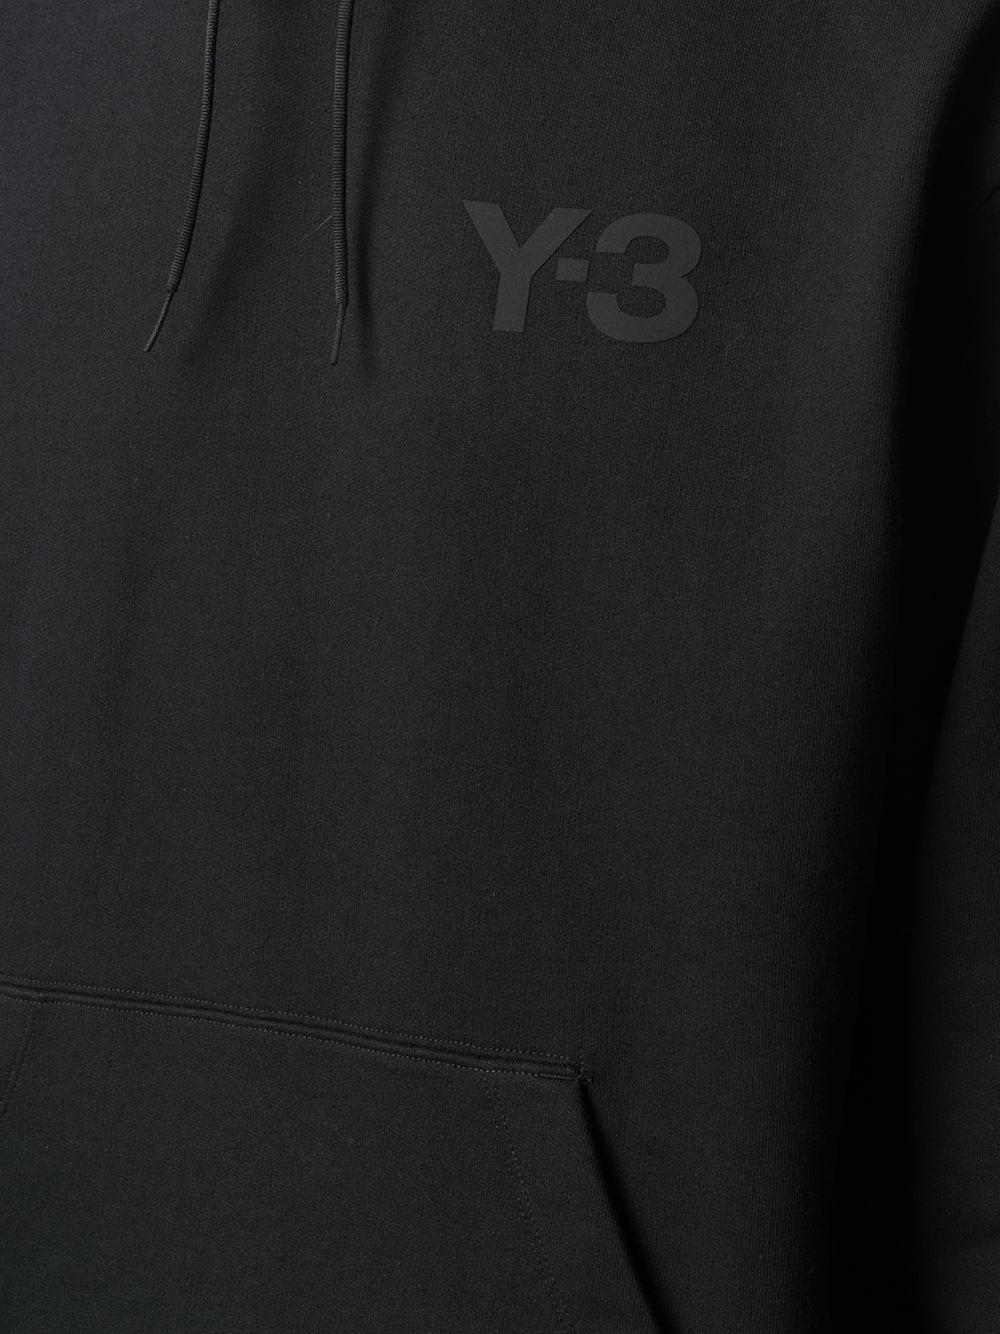 felpa con logo uomo nera in cotone Y-3   Felpe   GV4198BLACK